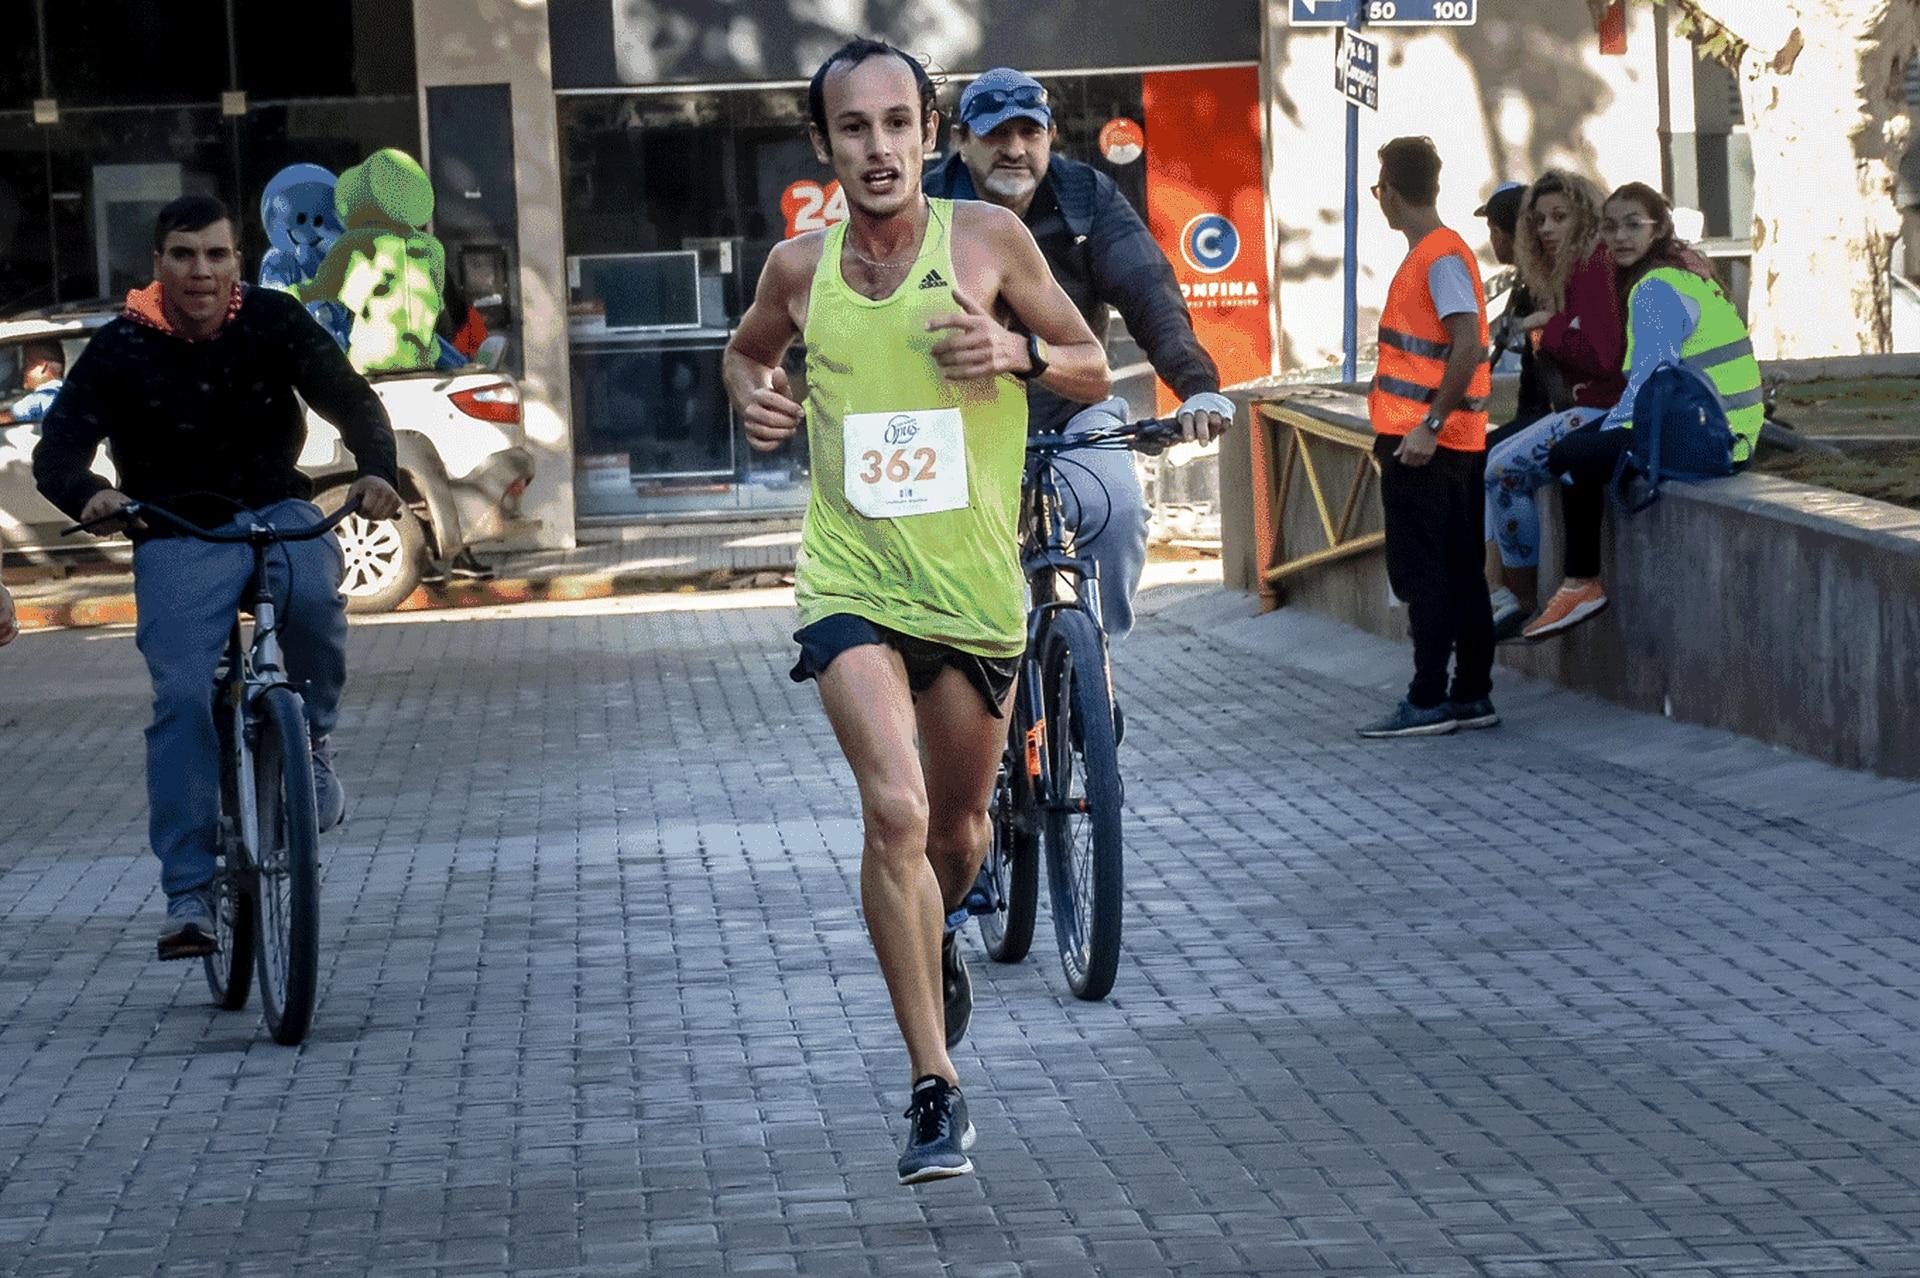 Tras ganar una maratón legendaria en su ciudad, Río Cuarto, Brian Burgos se entregó de lleno al running, que cambió su vida